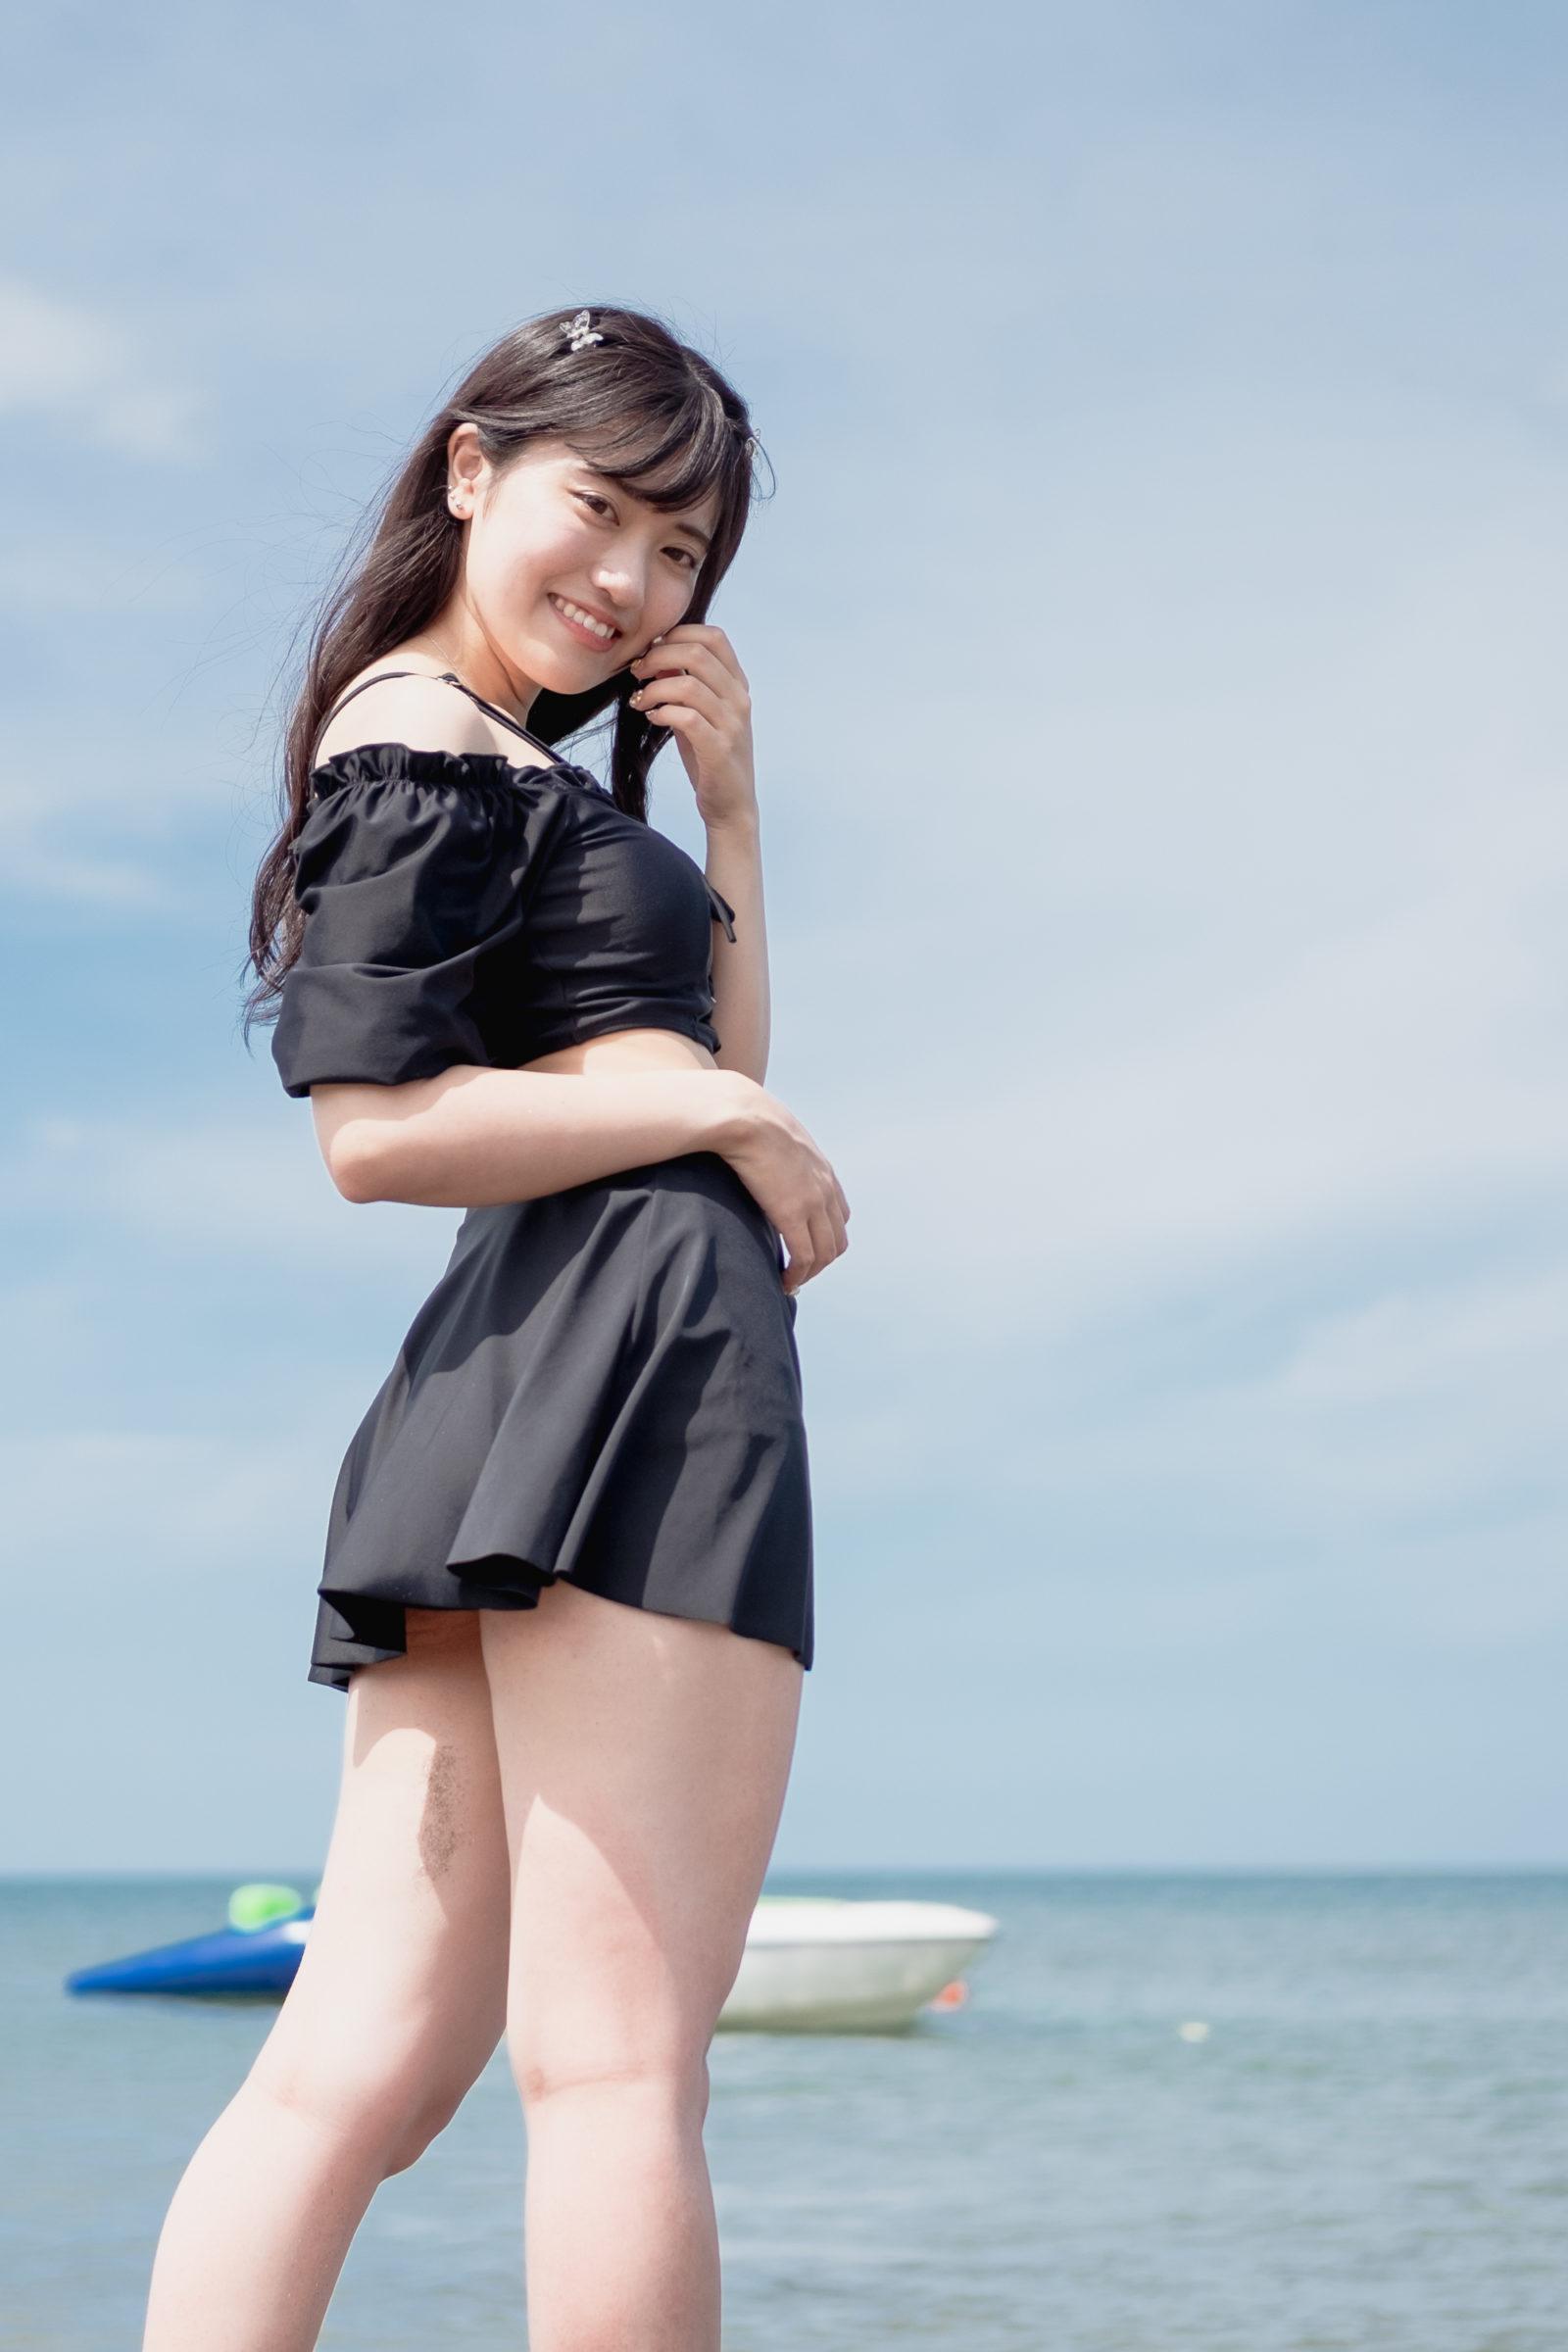 フルーティー♡ あおい ( 横山葵 ) | ライブプロ海イベント2020水着撮影会